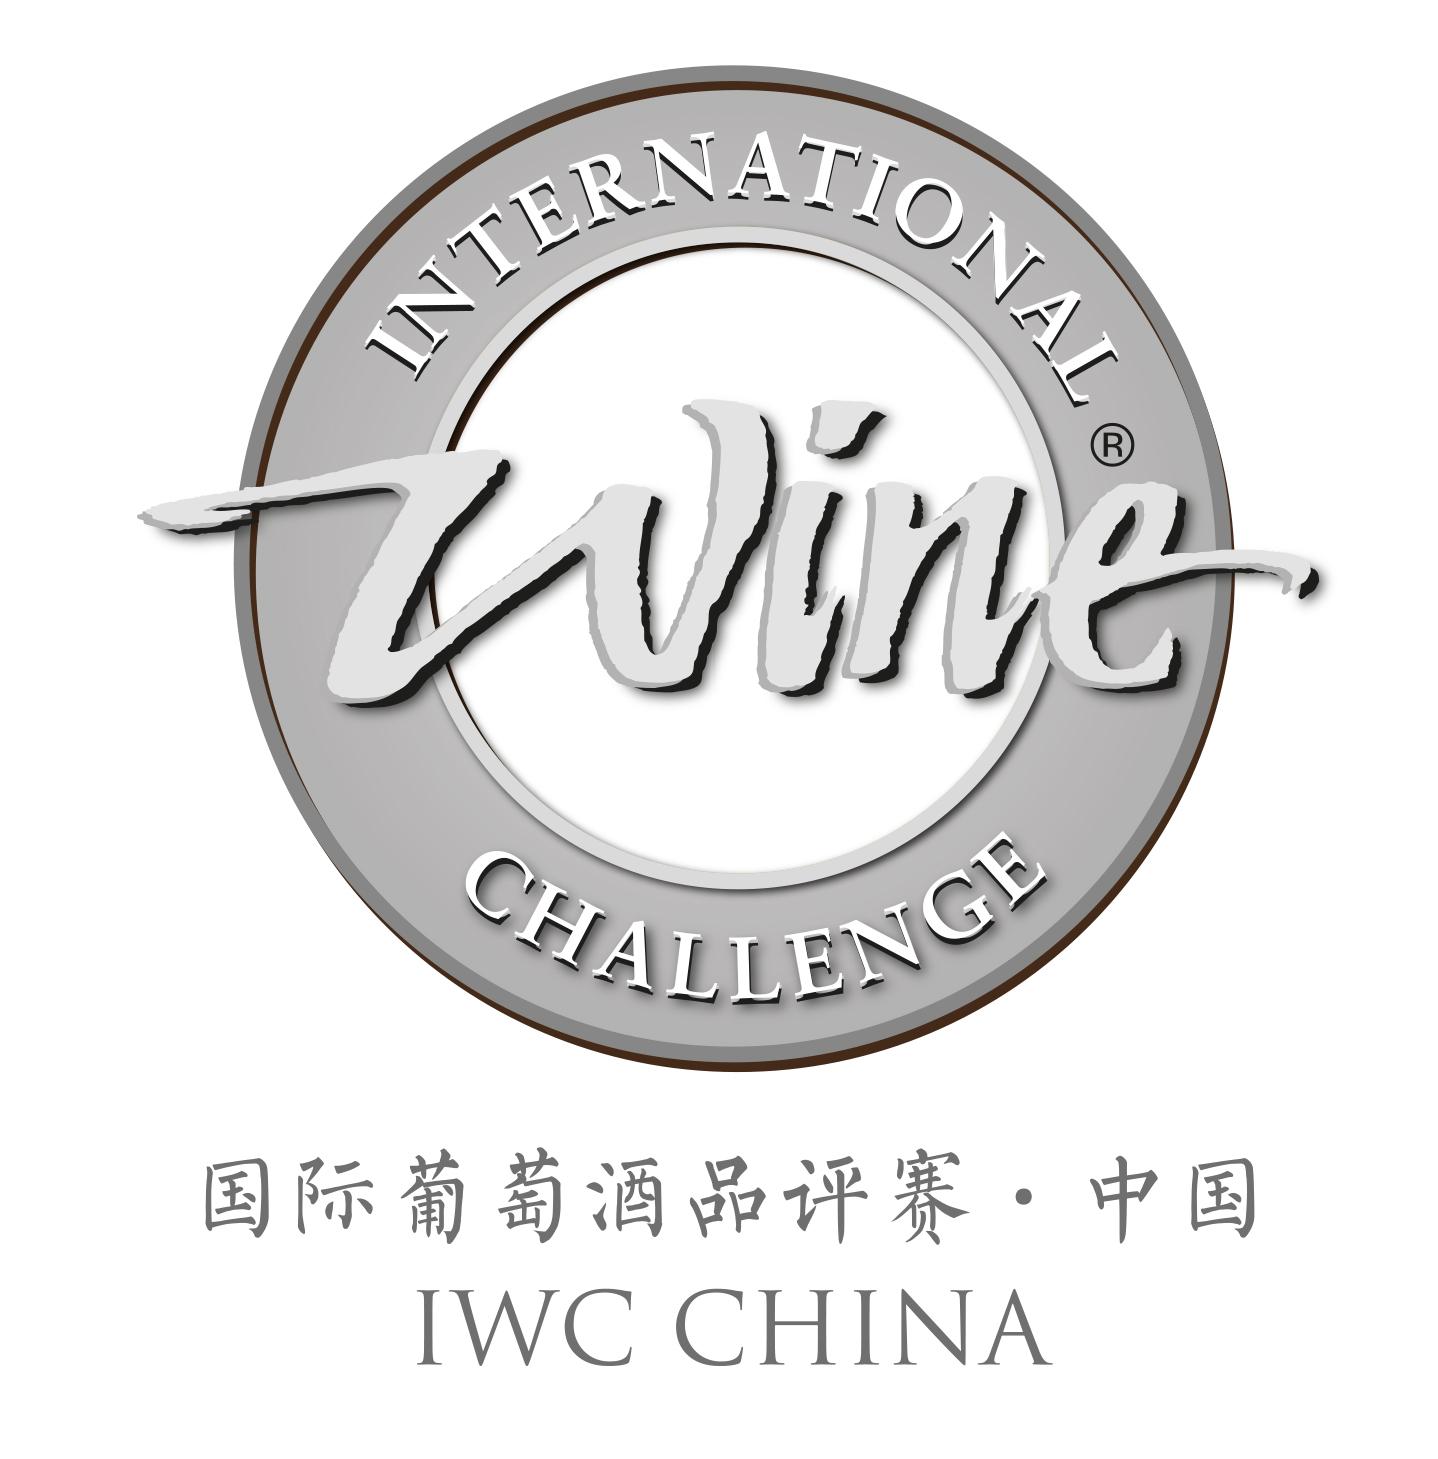 2019年2月18日,International Wine Challenge国际葡萄酒品评赛(IWC)官方宣布于成立国际葡萄酒品评赛•中国(IWC中国)!大赛正式落户中国!